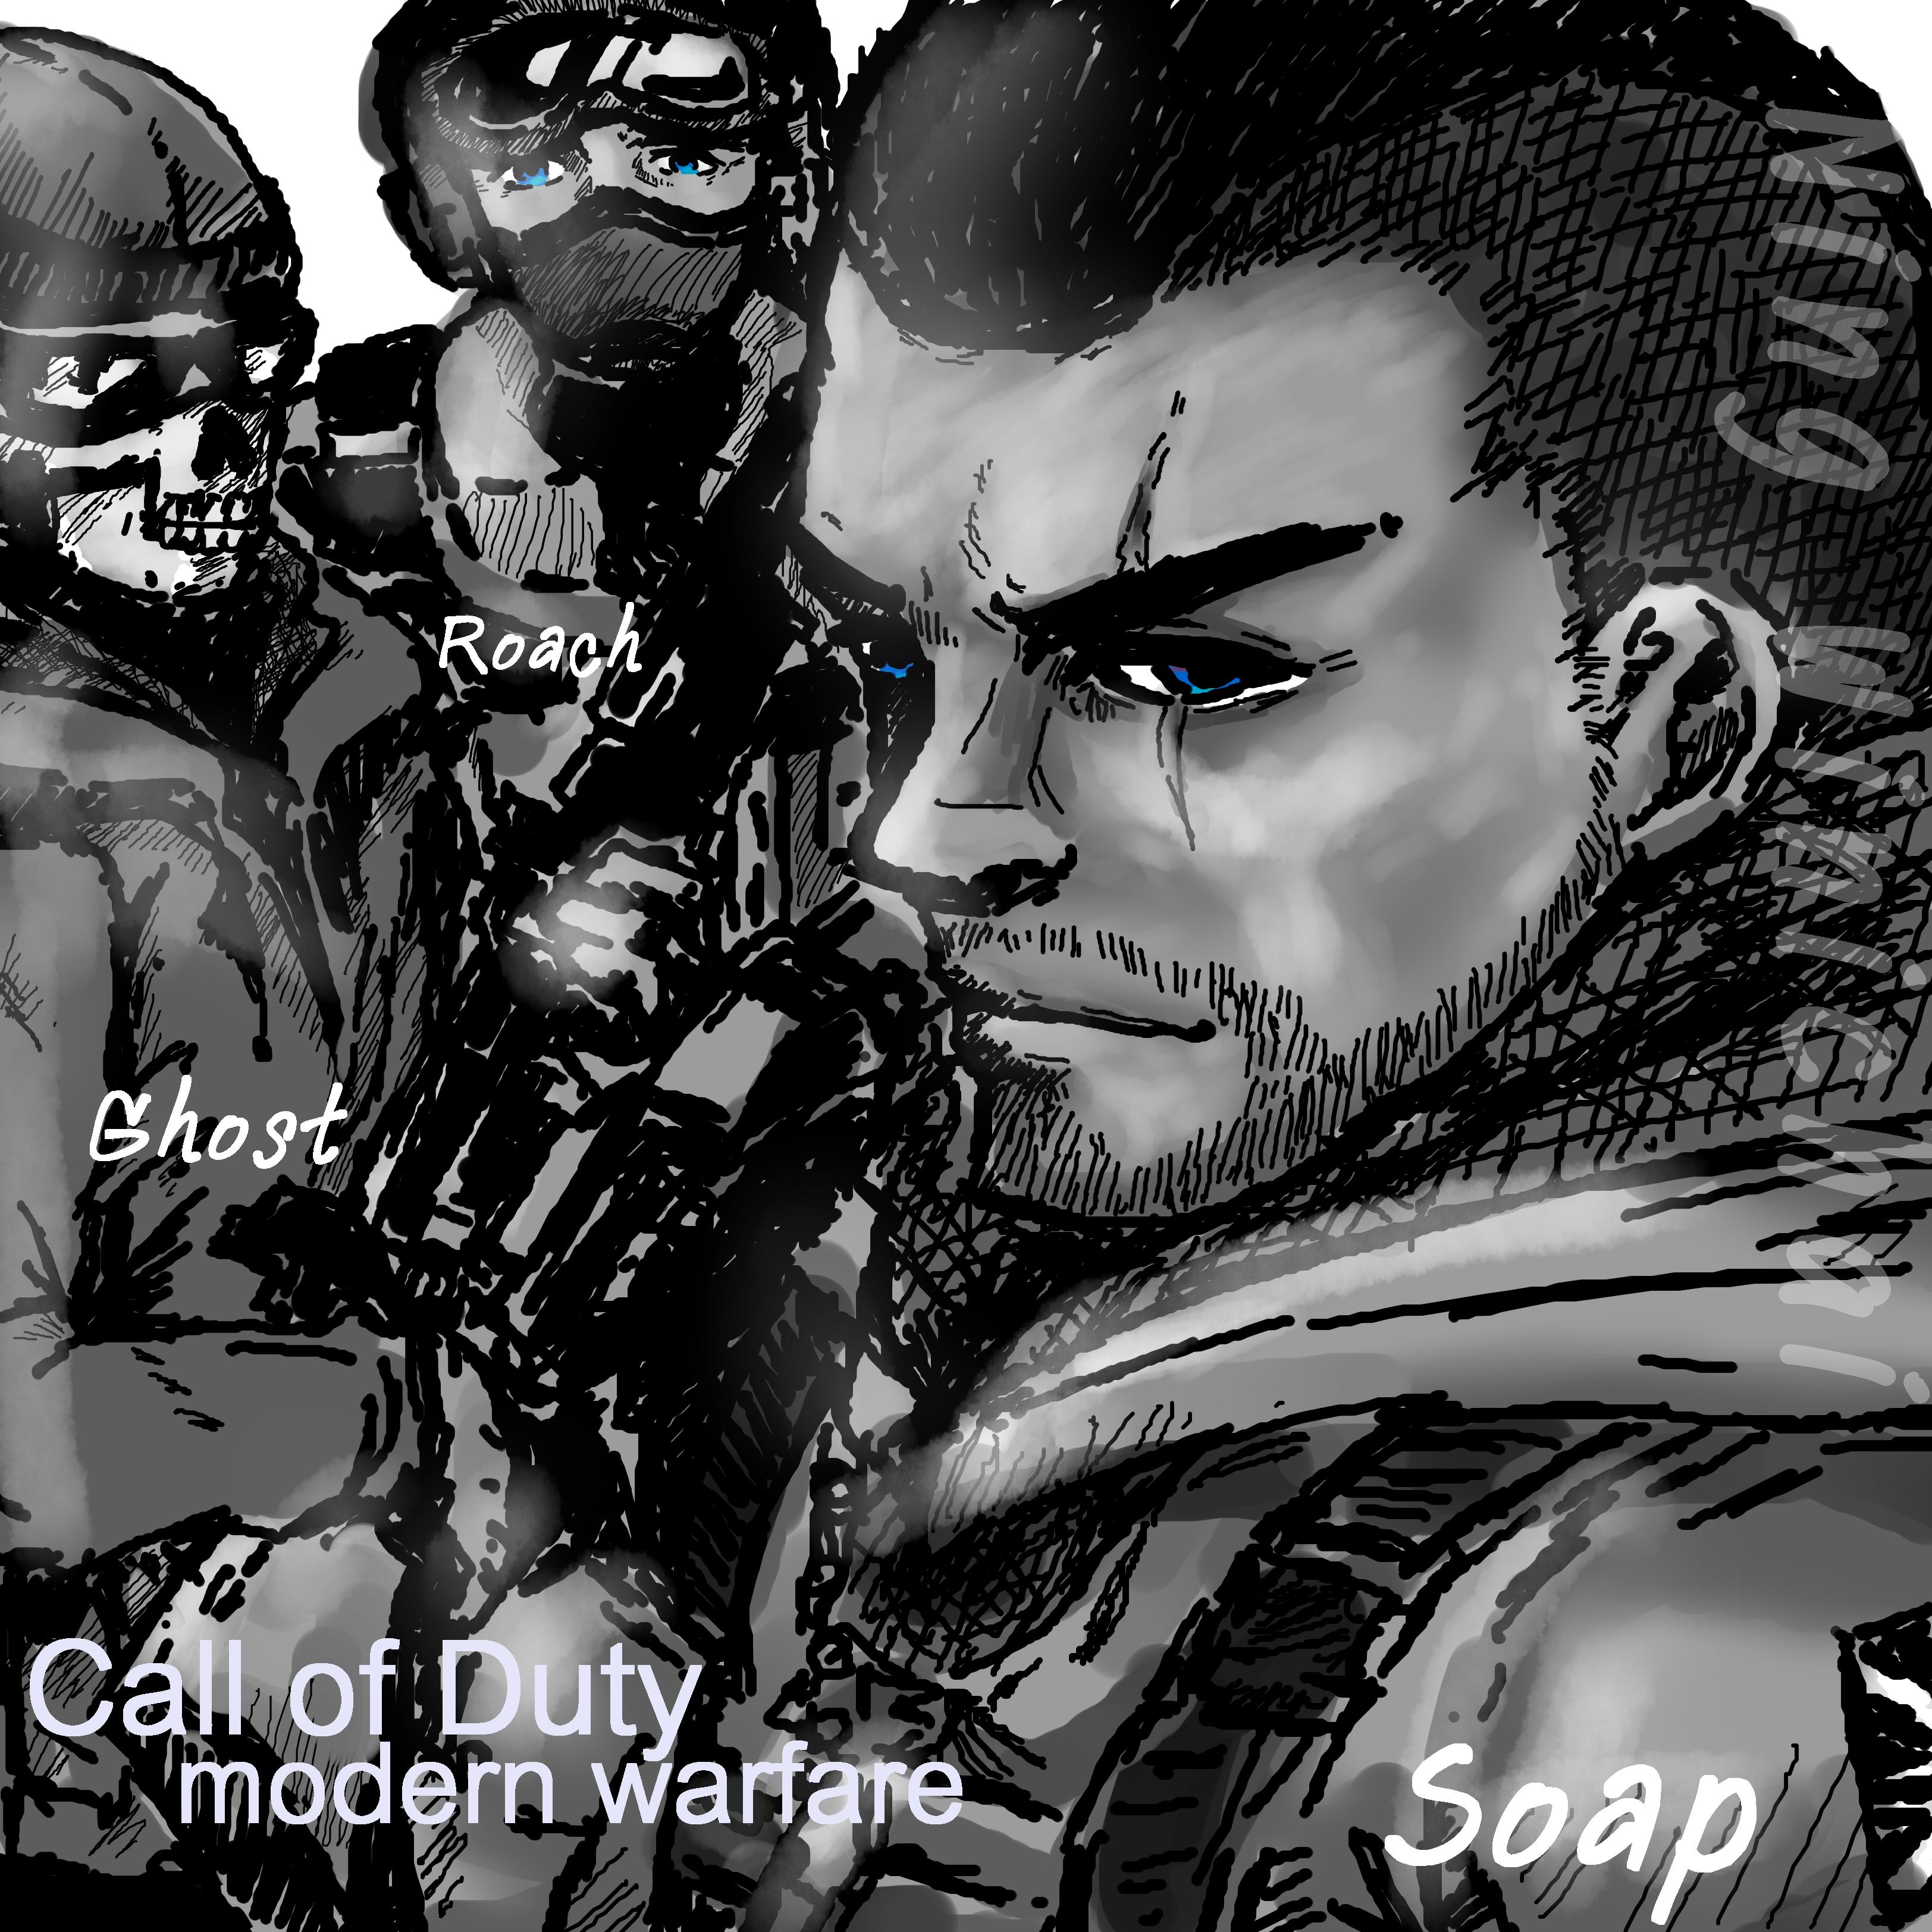 Call Of Duty Modern Warfare Soap Ghost Roach Modern Warfare Call Of Duty Ghost Tattoo